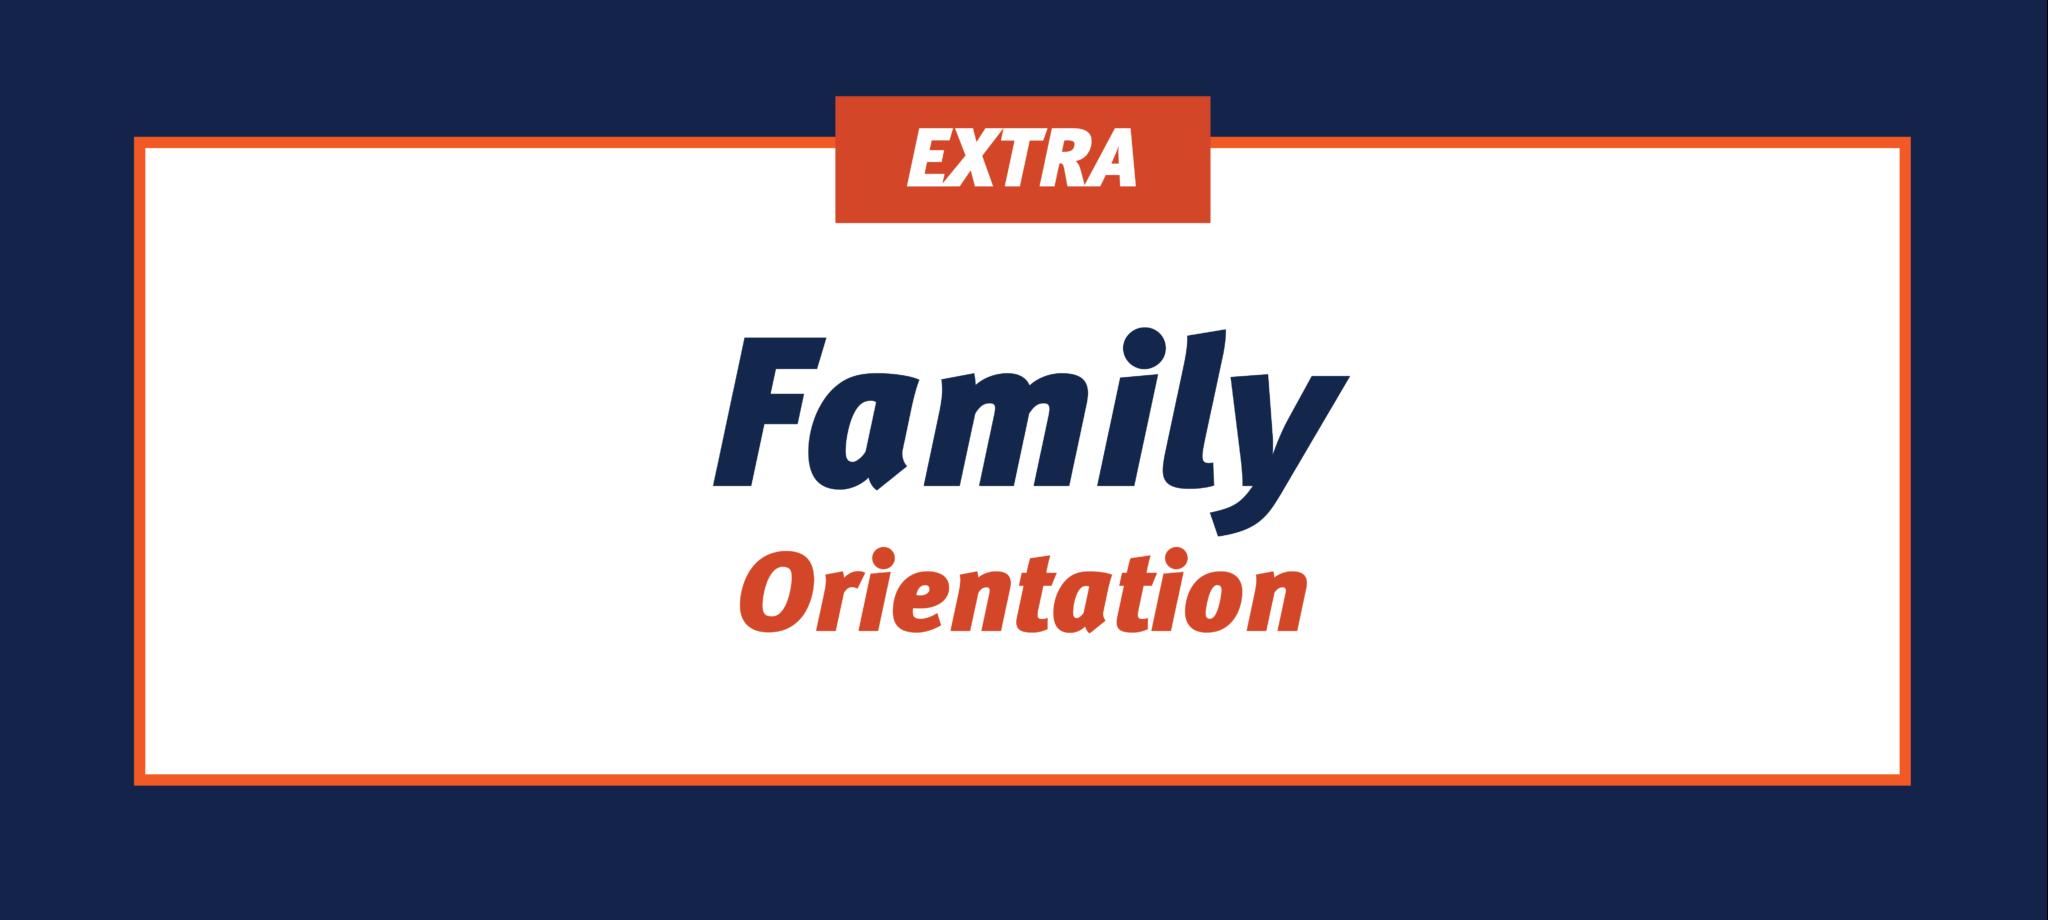 Extra - Family Orientation